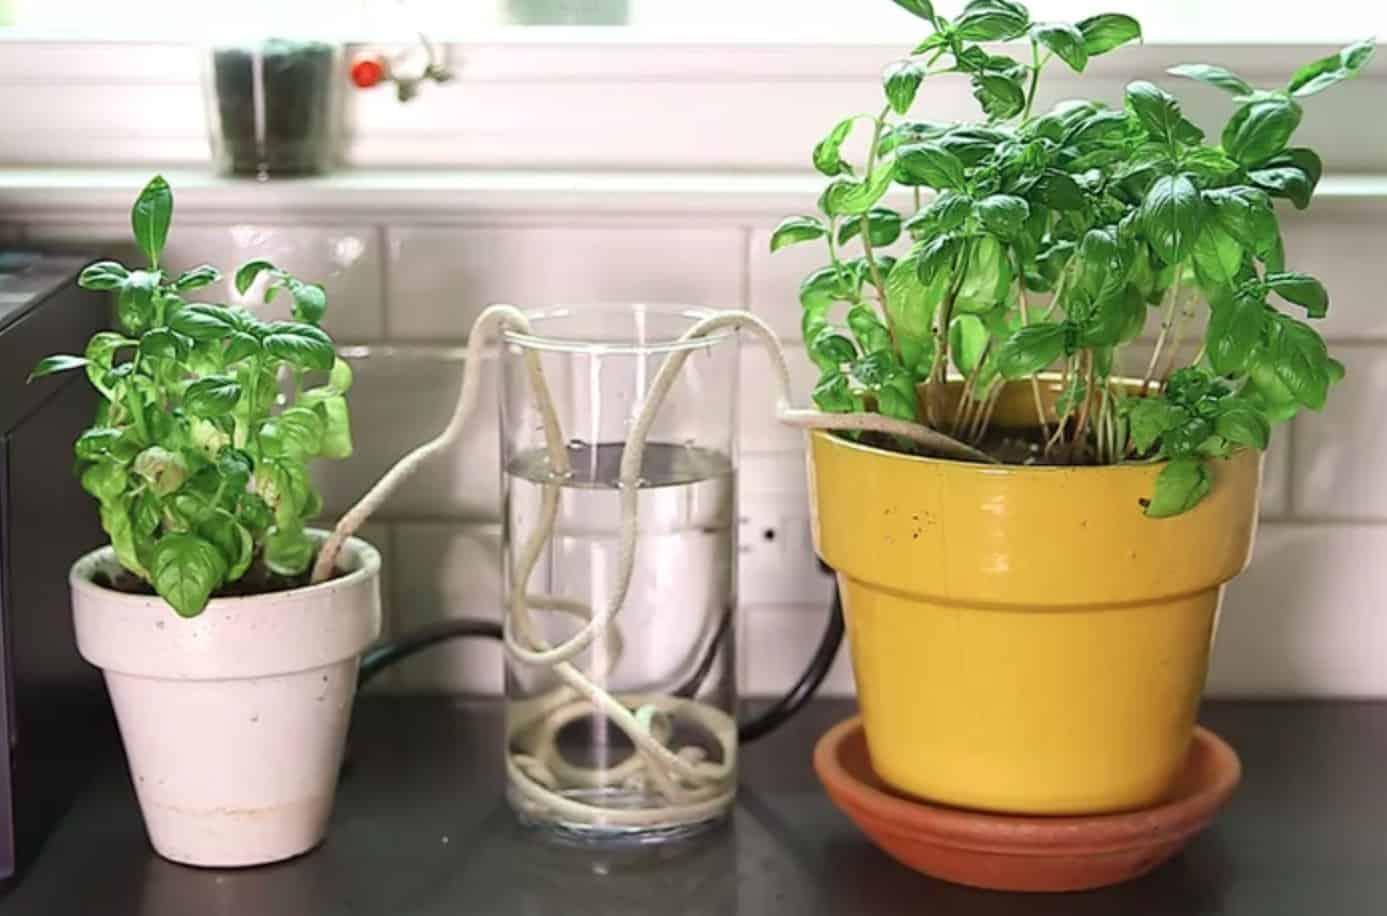 Làm hệ thống tưới nhỏ giọt từ bình nước và dây cotton